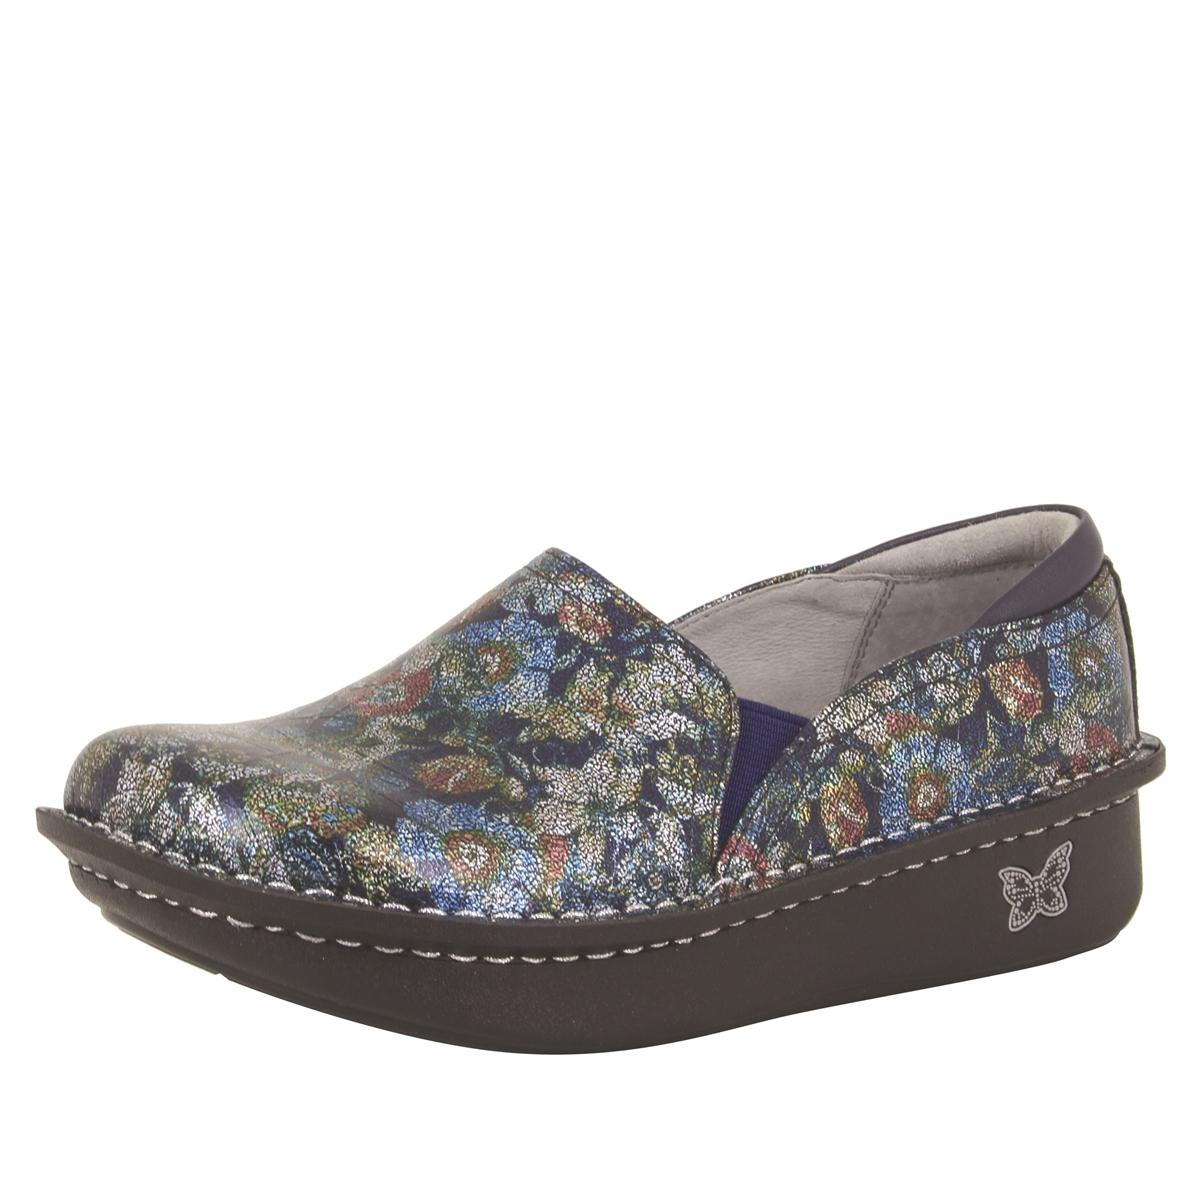 Alegria Shoes - Debra Flora Nova